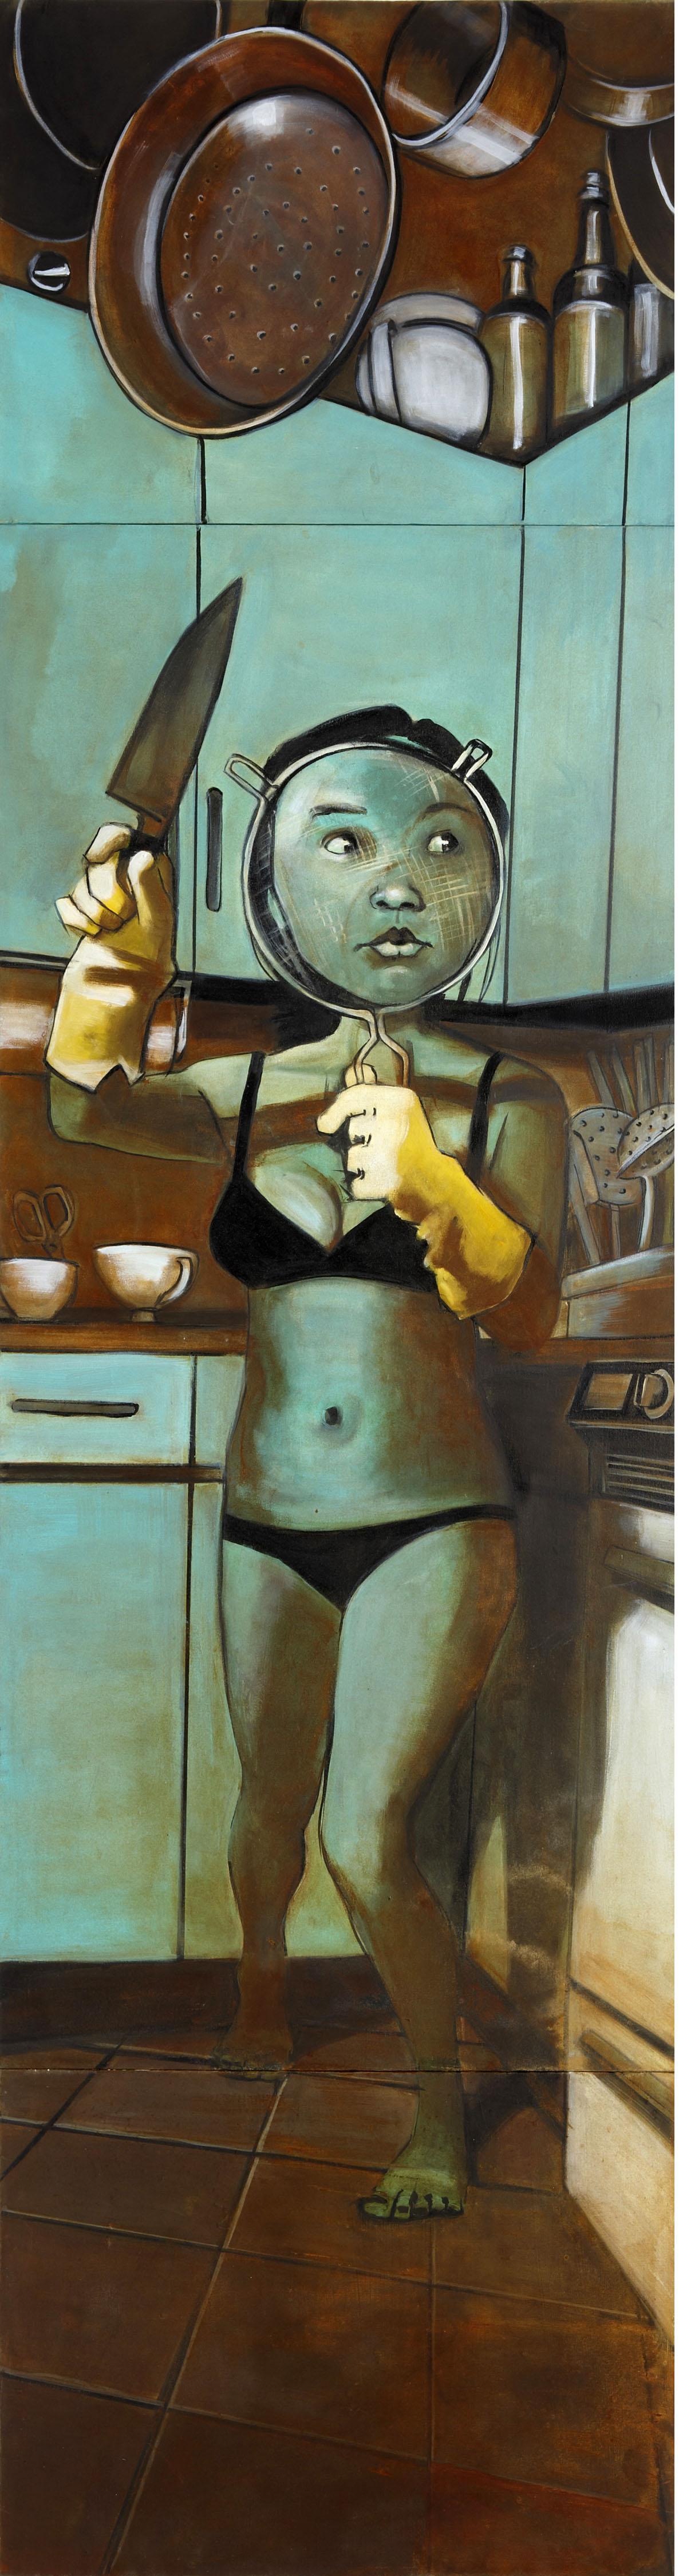 Kitchen Ninja, 2009